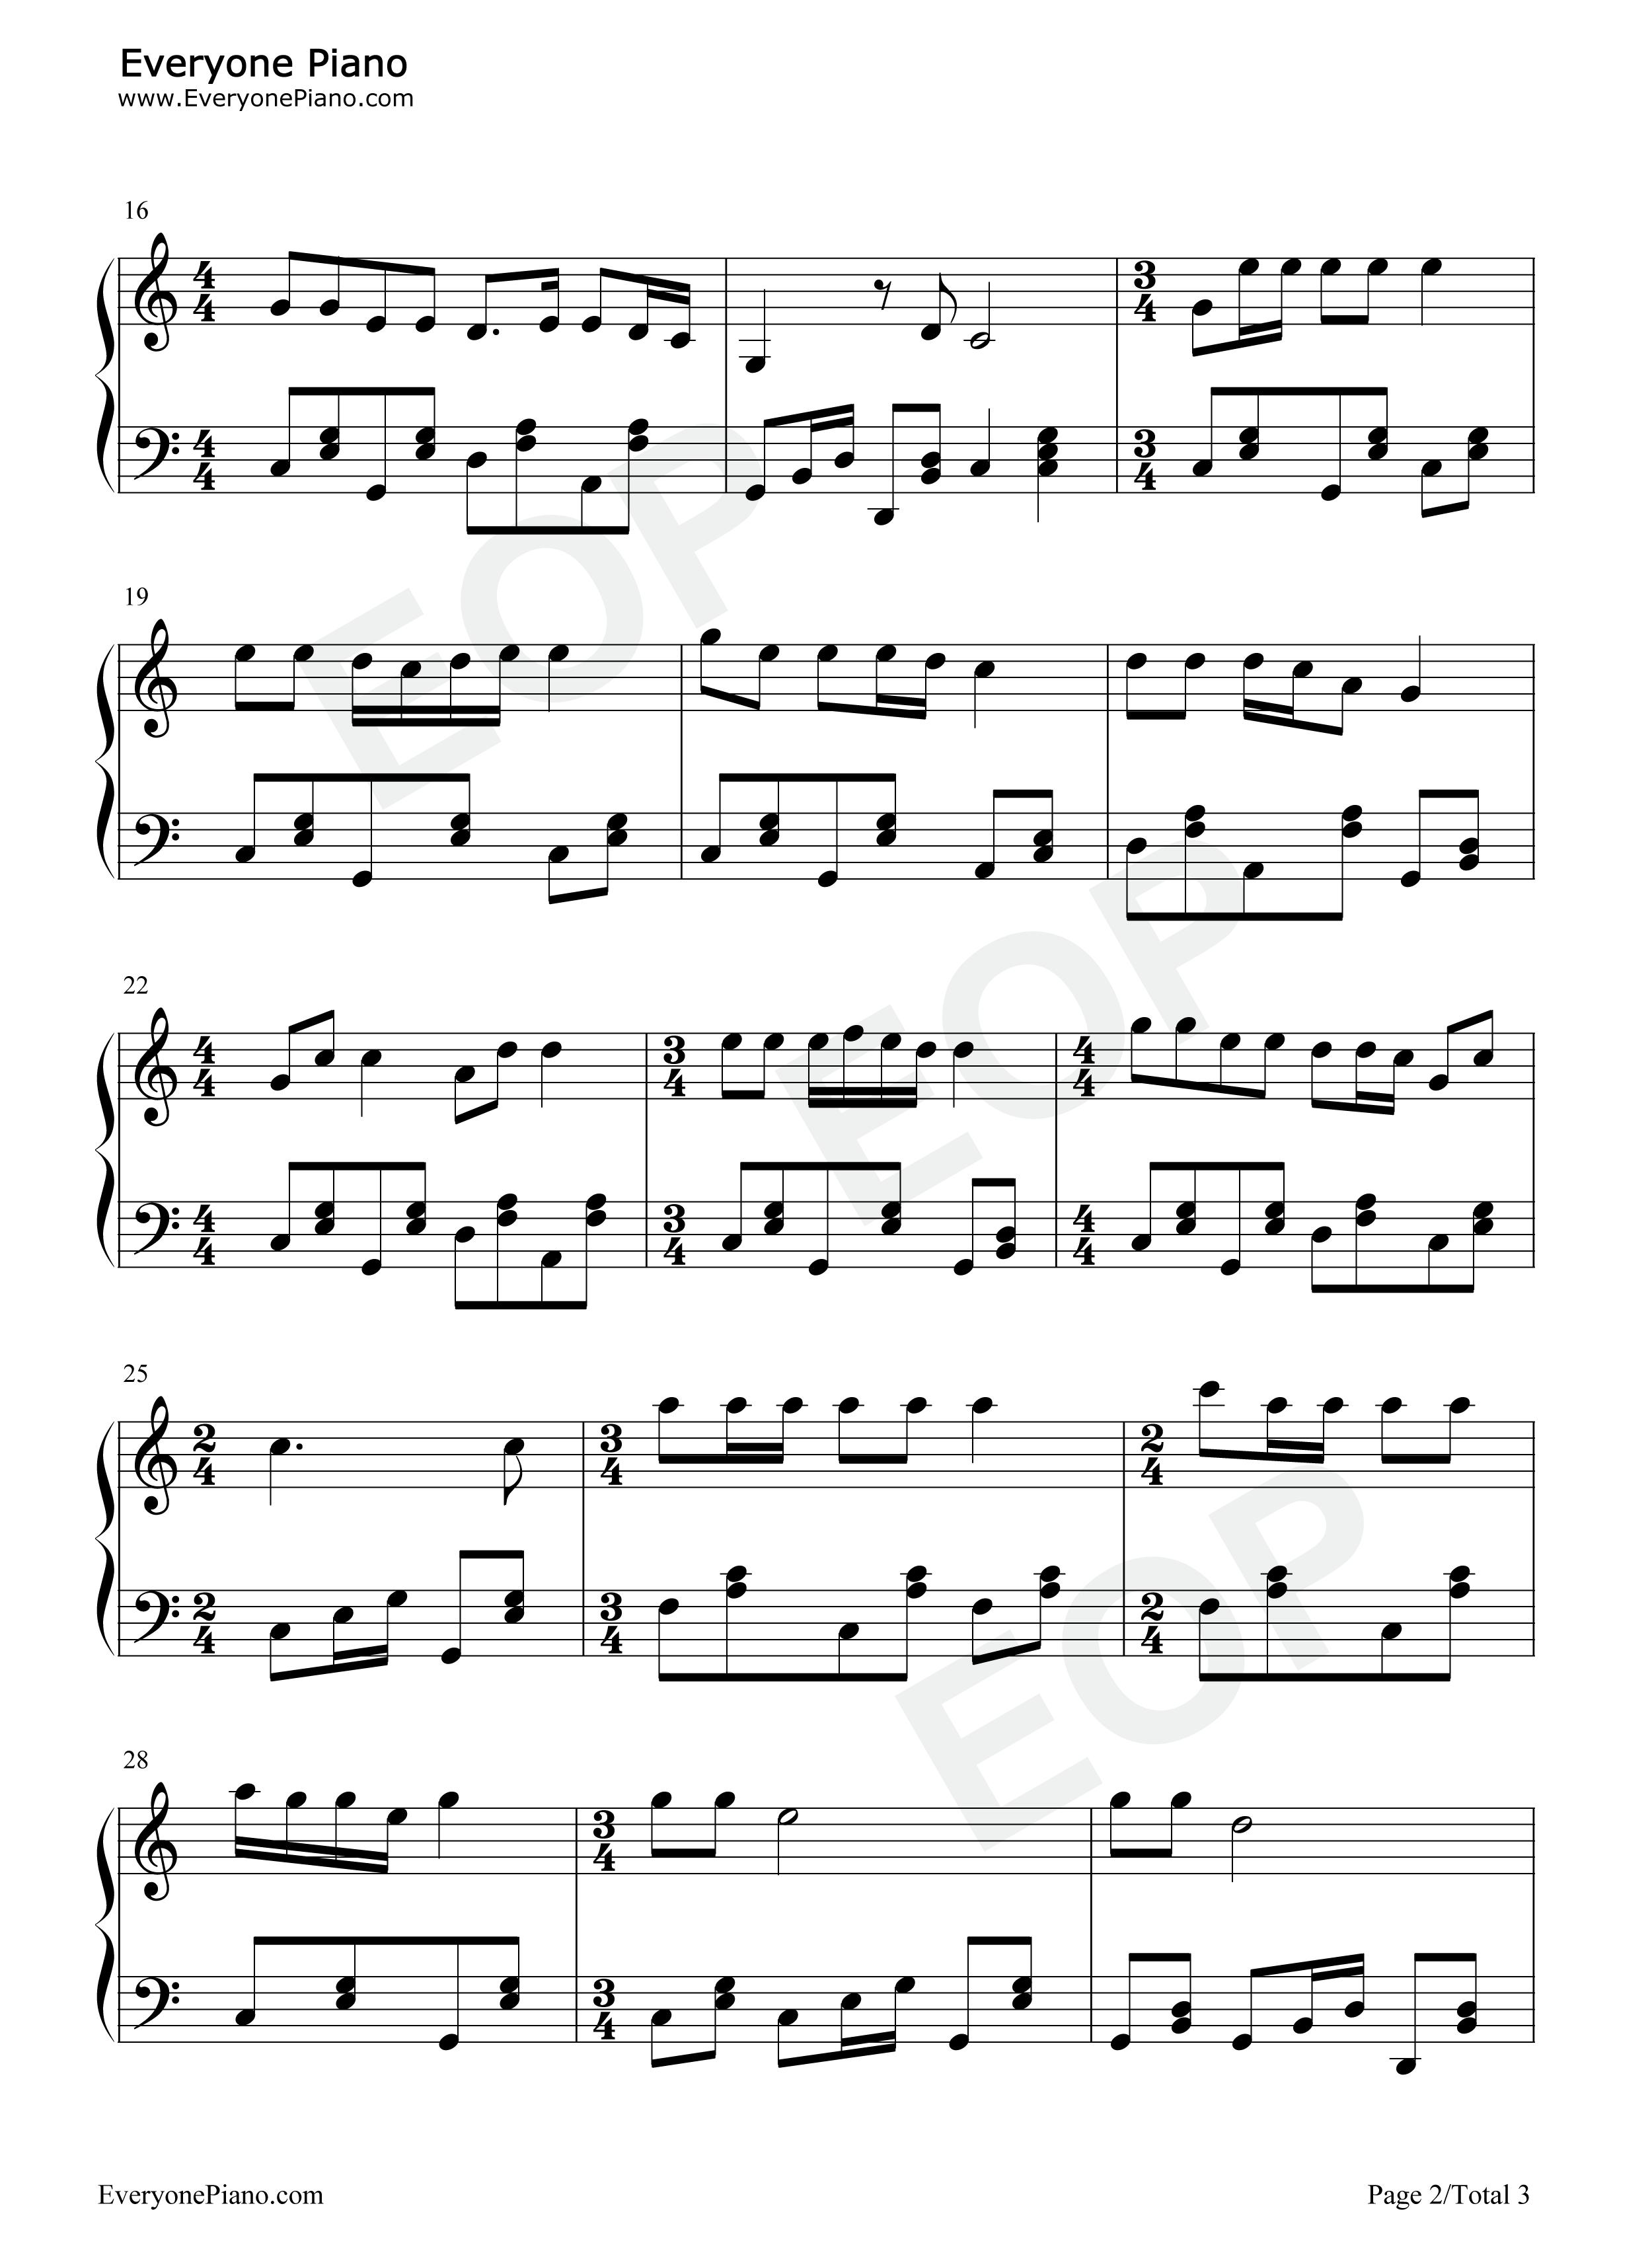 钢琴曲谱 民乐 年轻的朋友来相会 年轻的朋友来相会五线谱预览2